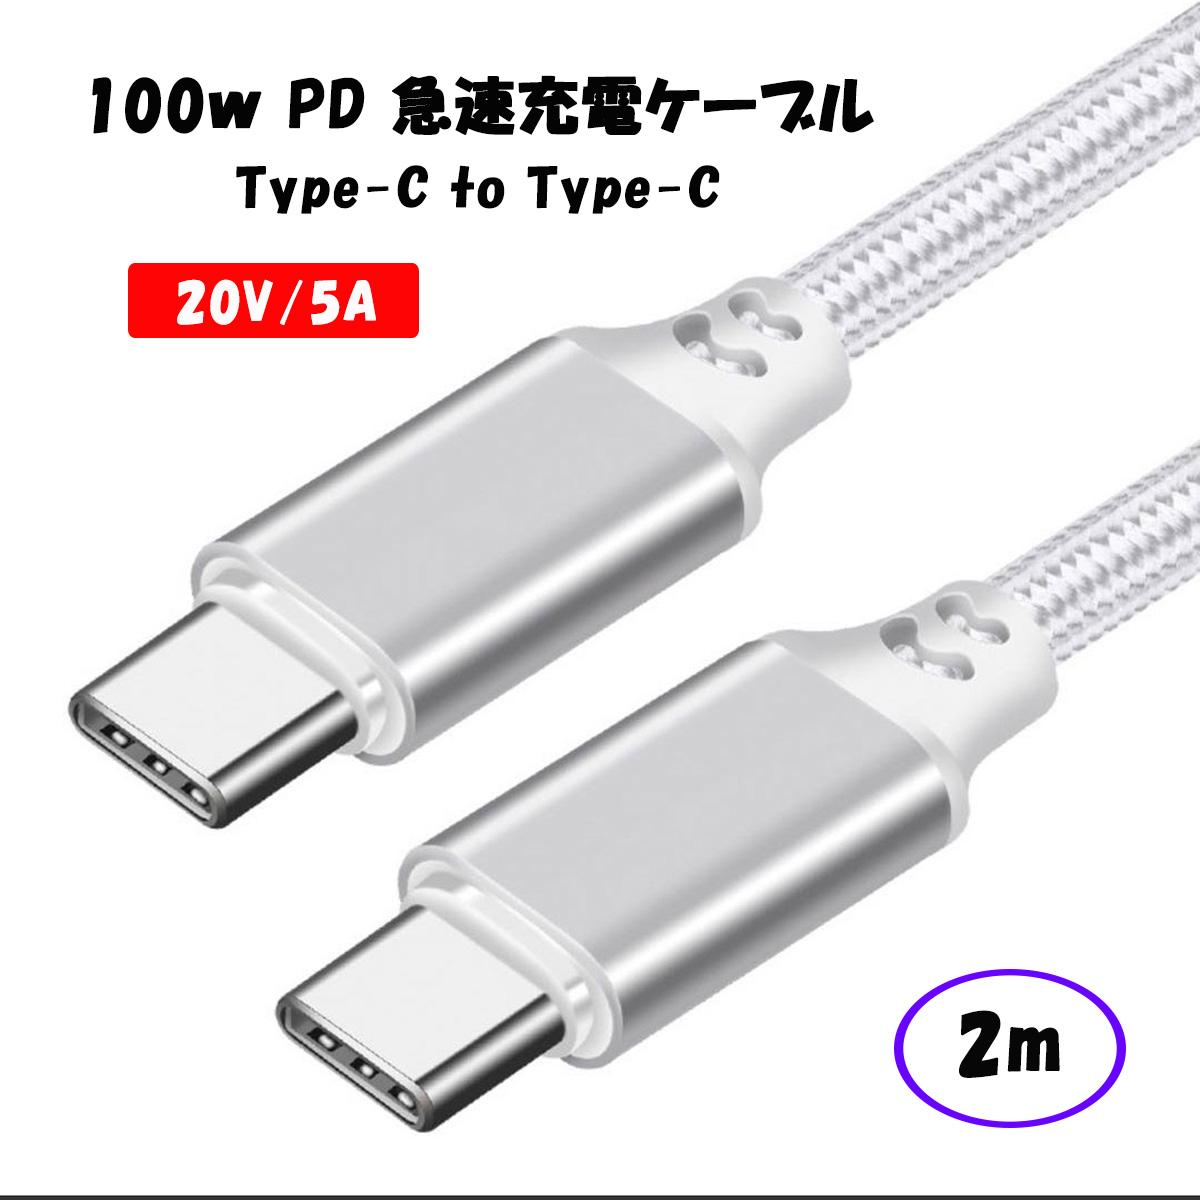 【2m】100W USB Type C-Type C 充電ケーブル 20V/5A PD 急速充電 タイプC USB-C Galaxy/Xperia/MacbookPro/iPadPro/Nintendo Switch 高耐久 ナイロン編 ケーブル